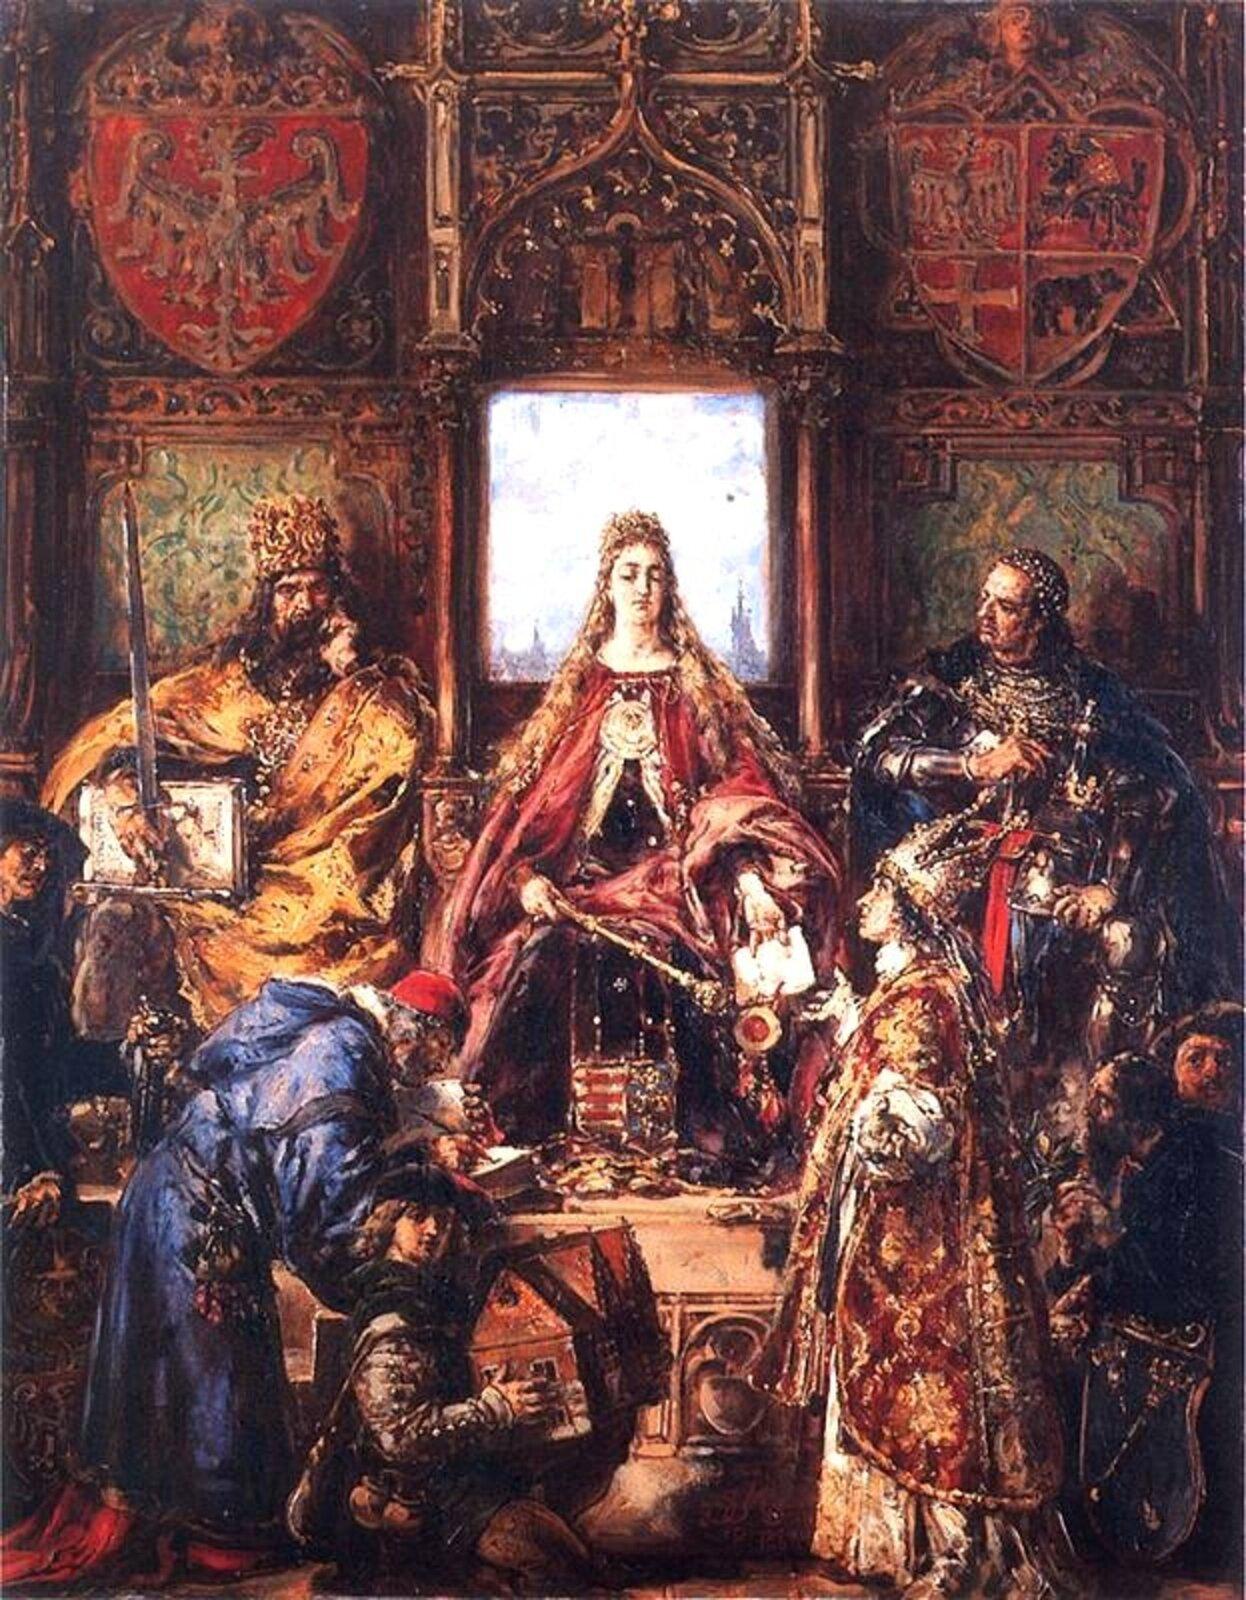 Obraz Jana Matejki przedstawiający Królową Jadwigę.